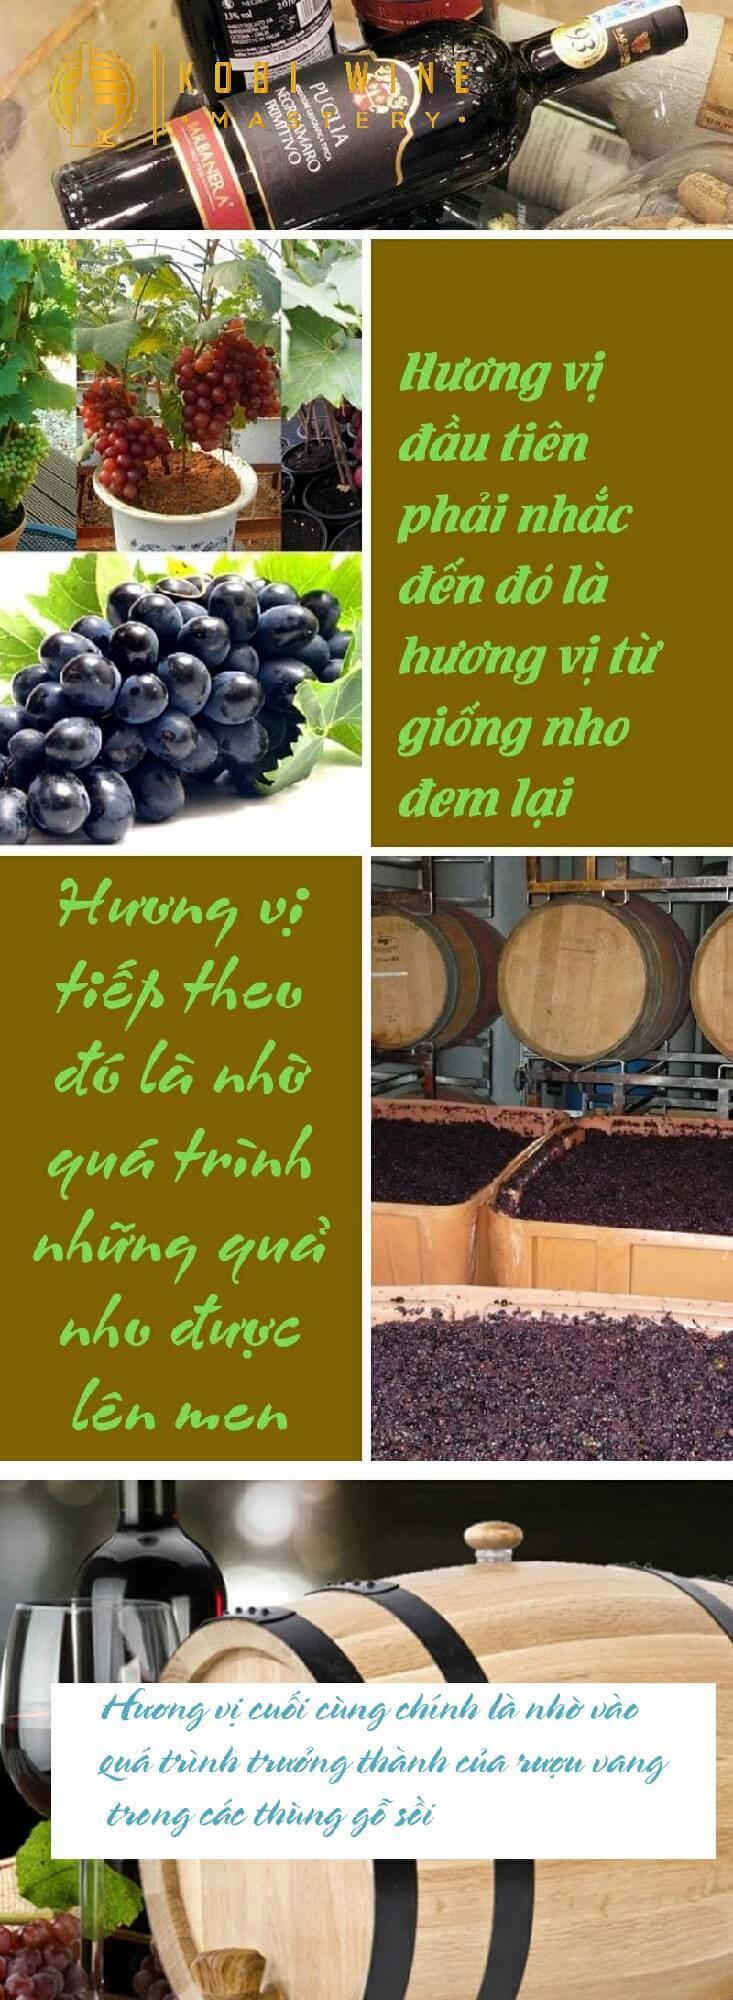 Hương vị của rượu vang ý sẽ như thế nào?